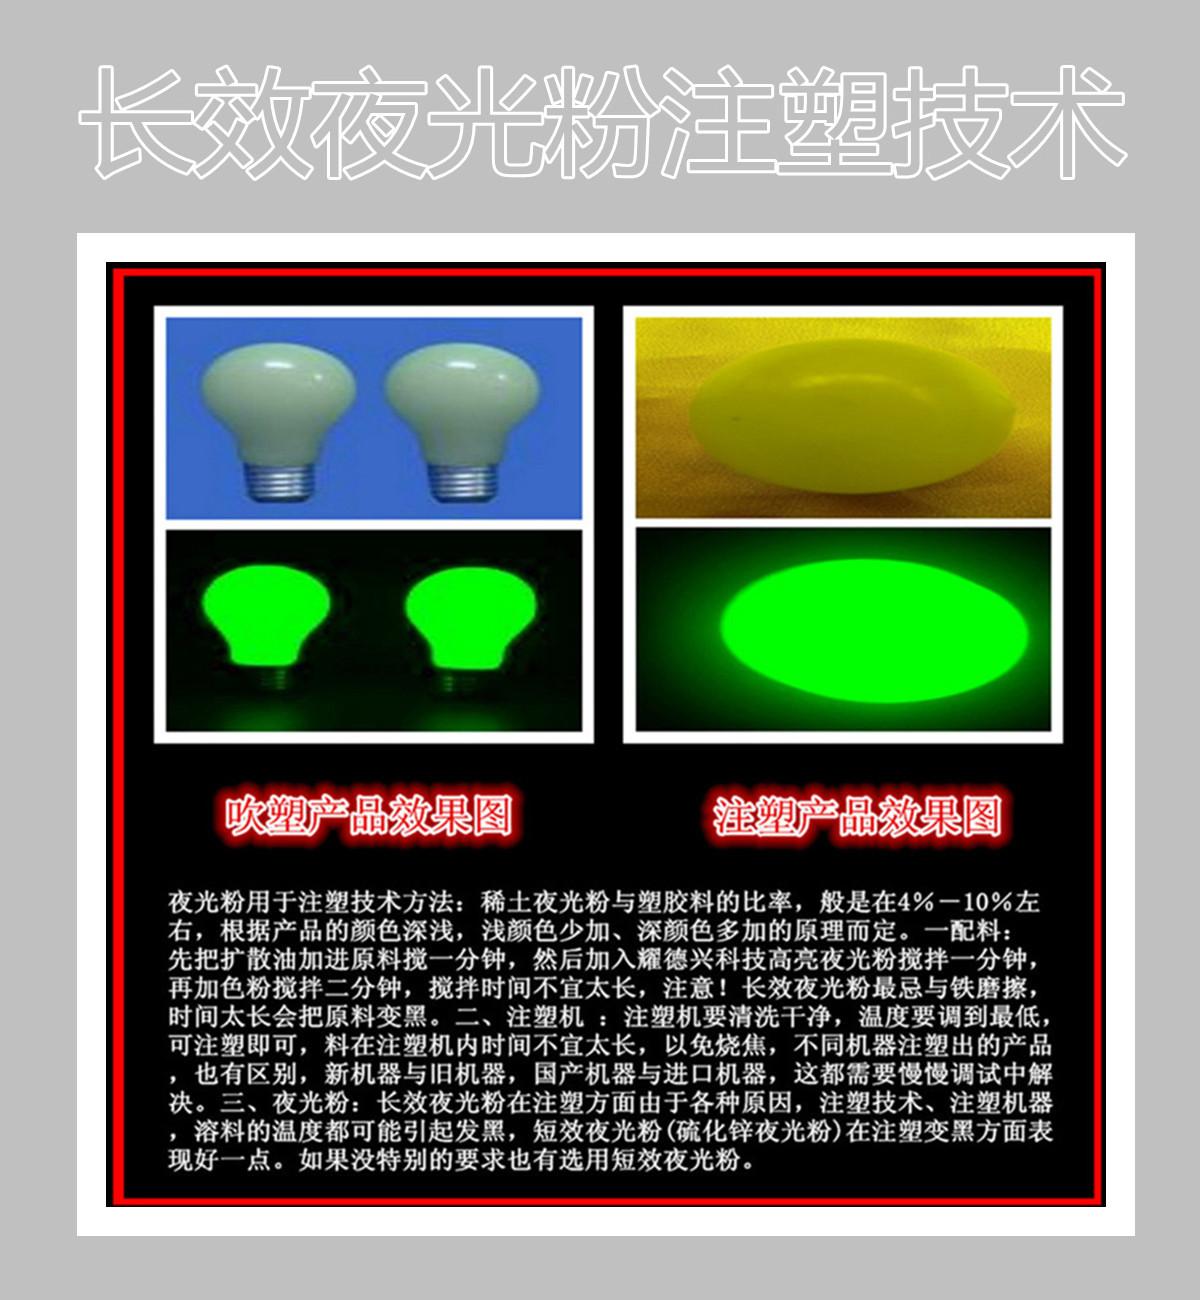 夜光粉注塑技术.jpg